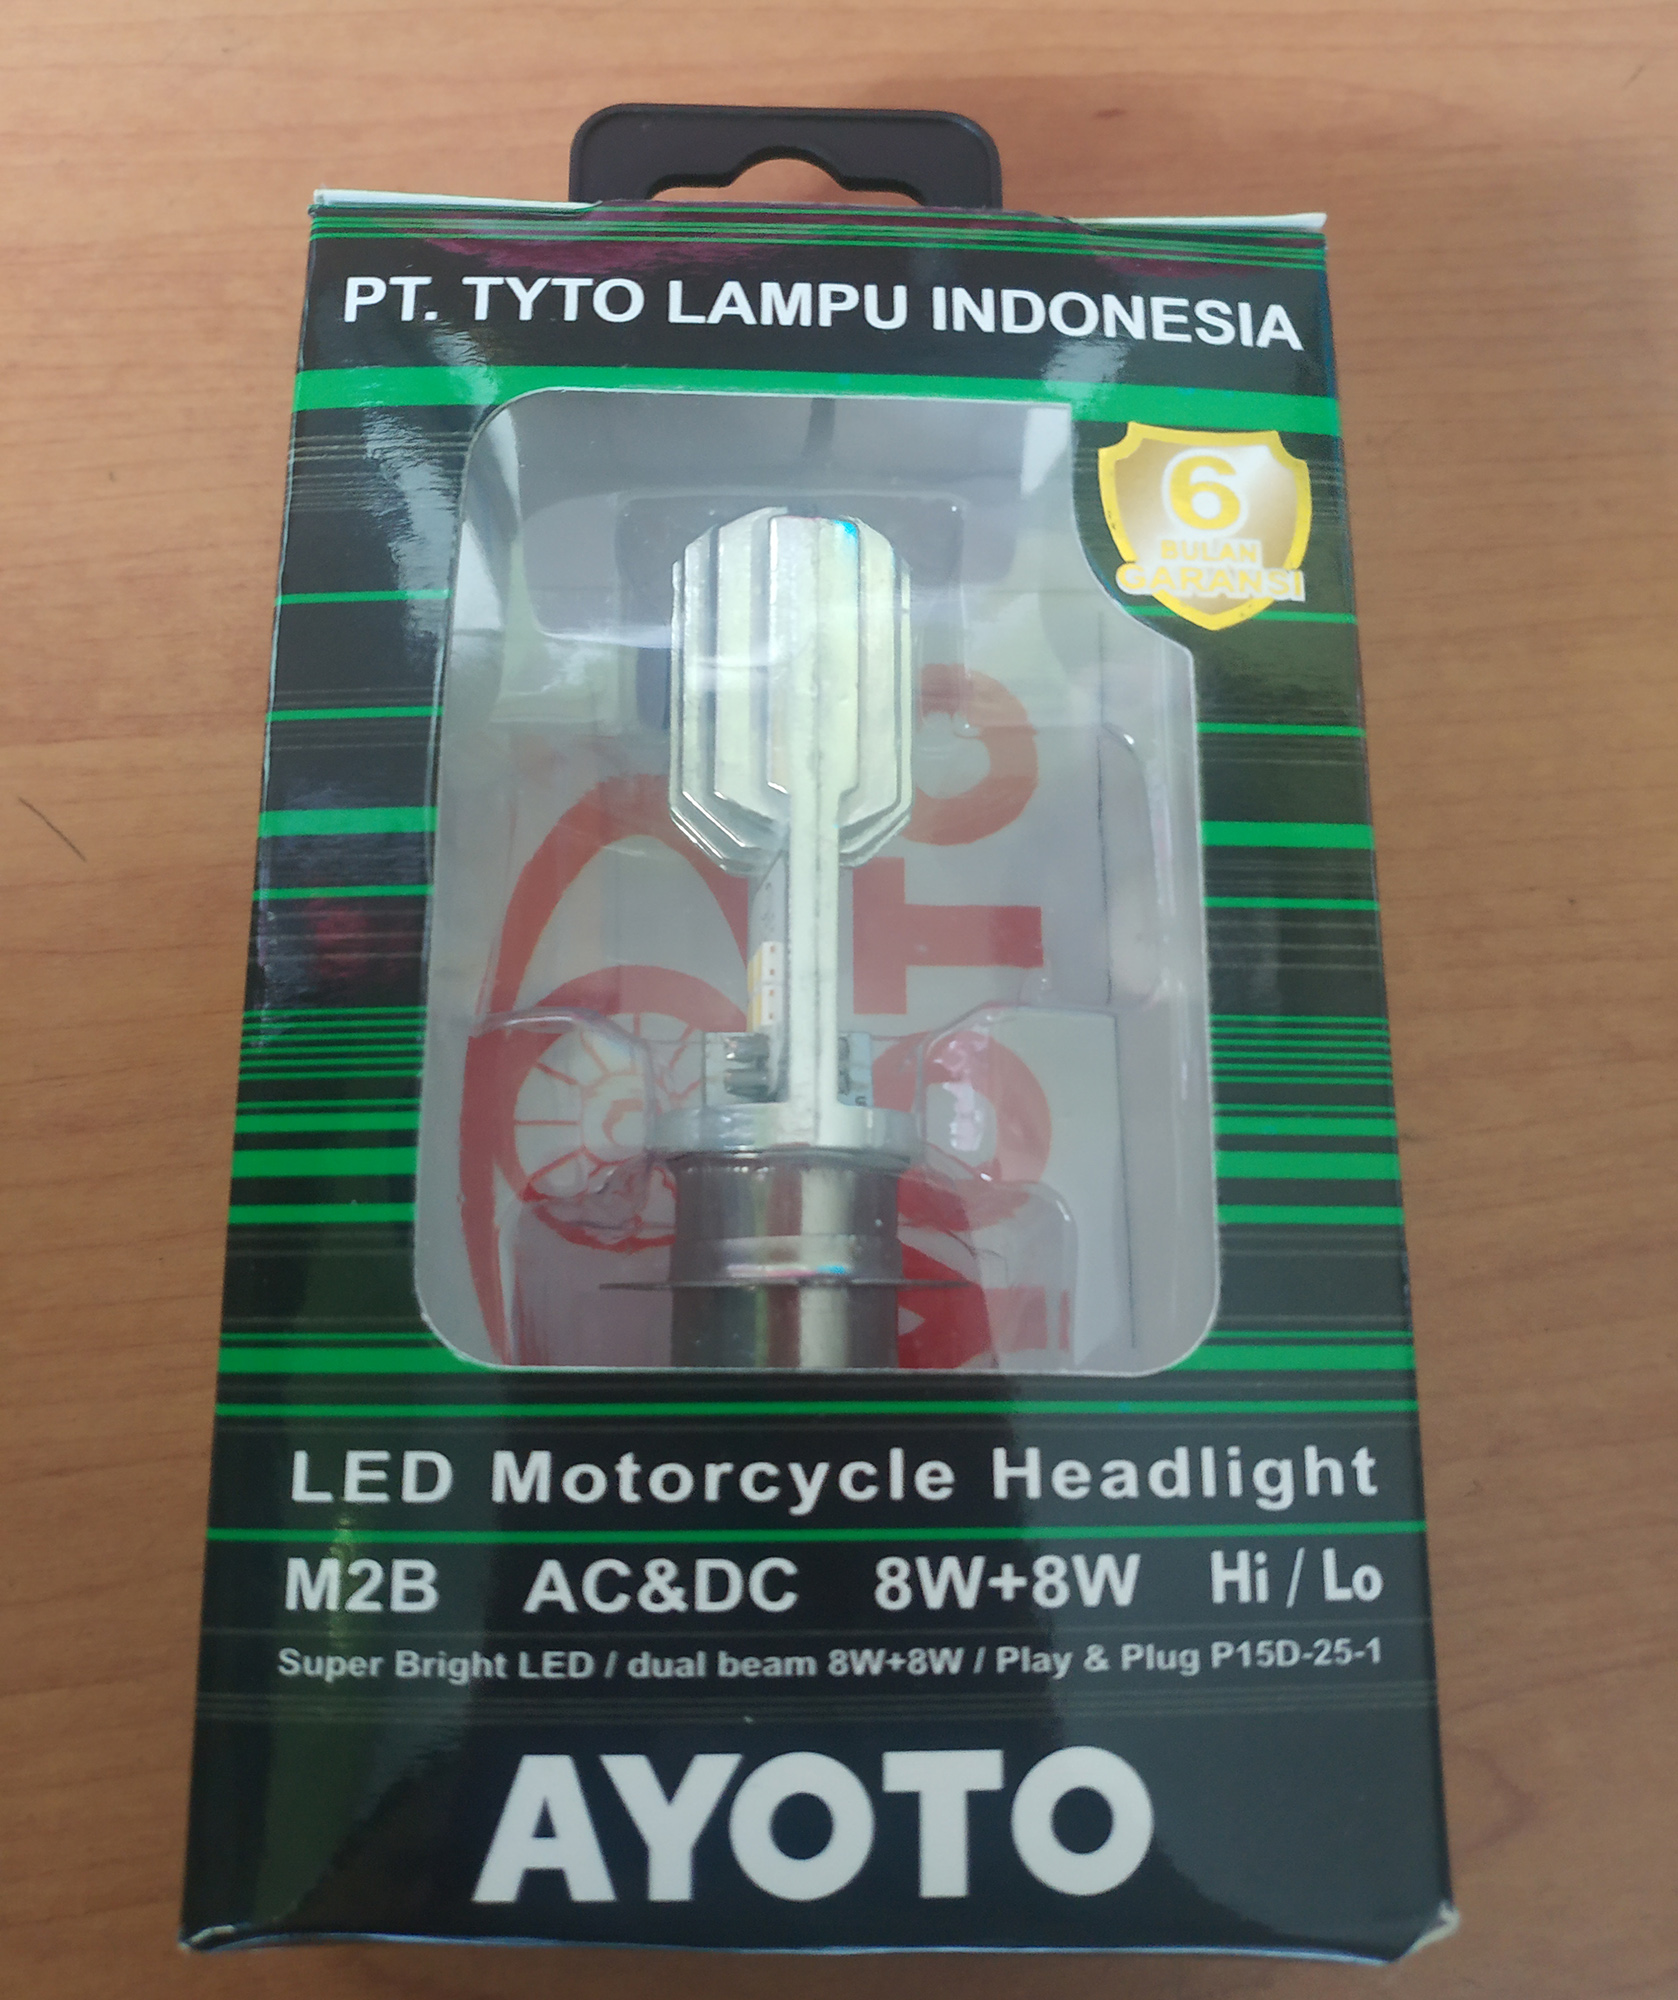 AYOTO Lampu Motor Led 2 Sisi Tipe M2B Motor Bebek Dan Matik By PT TYTO LAMPU INDONESIA